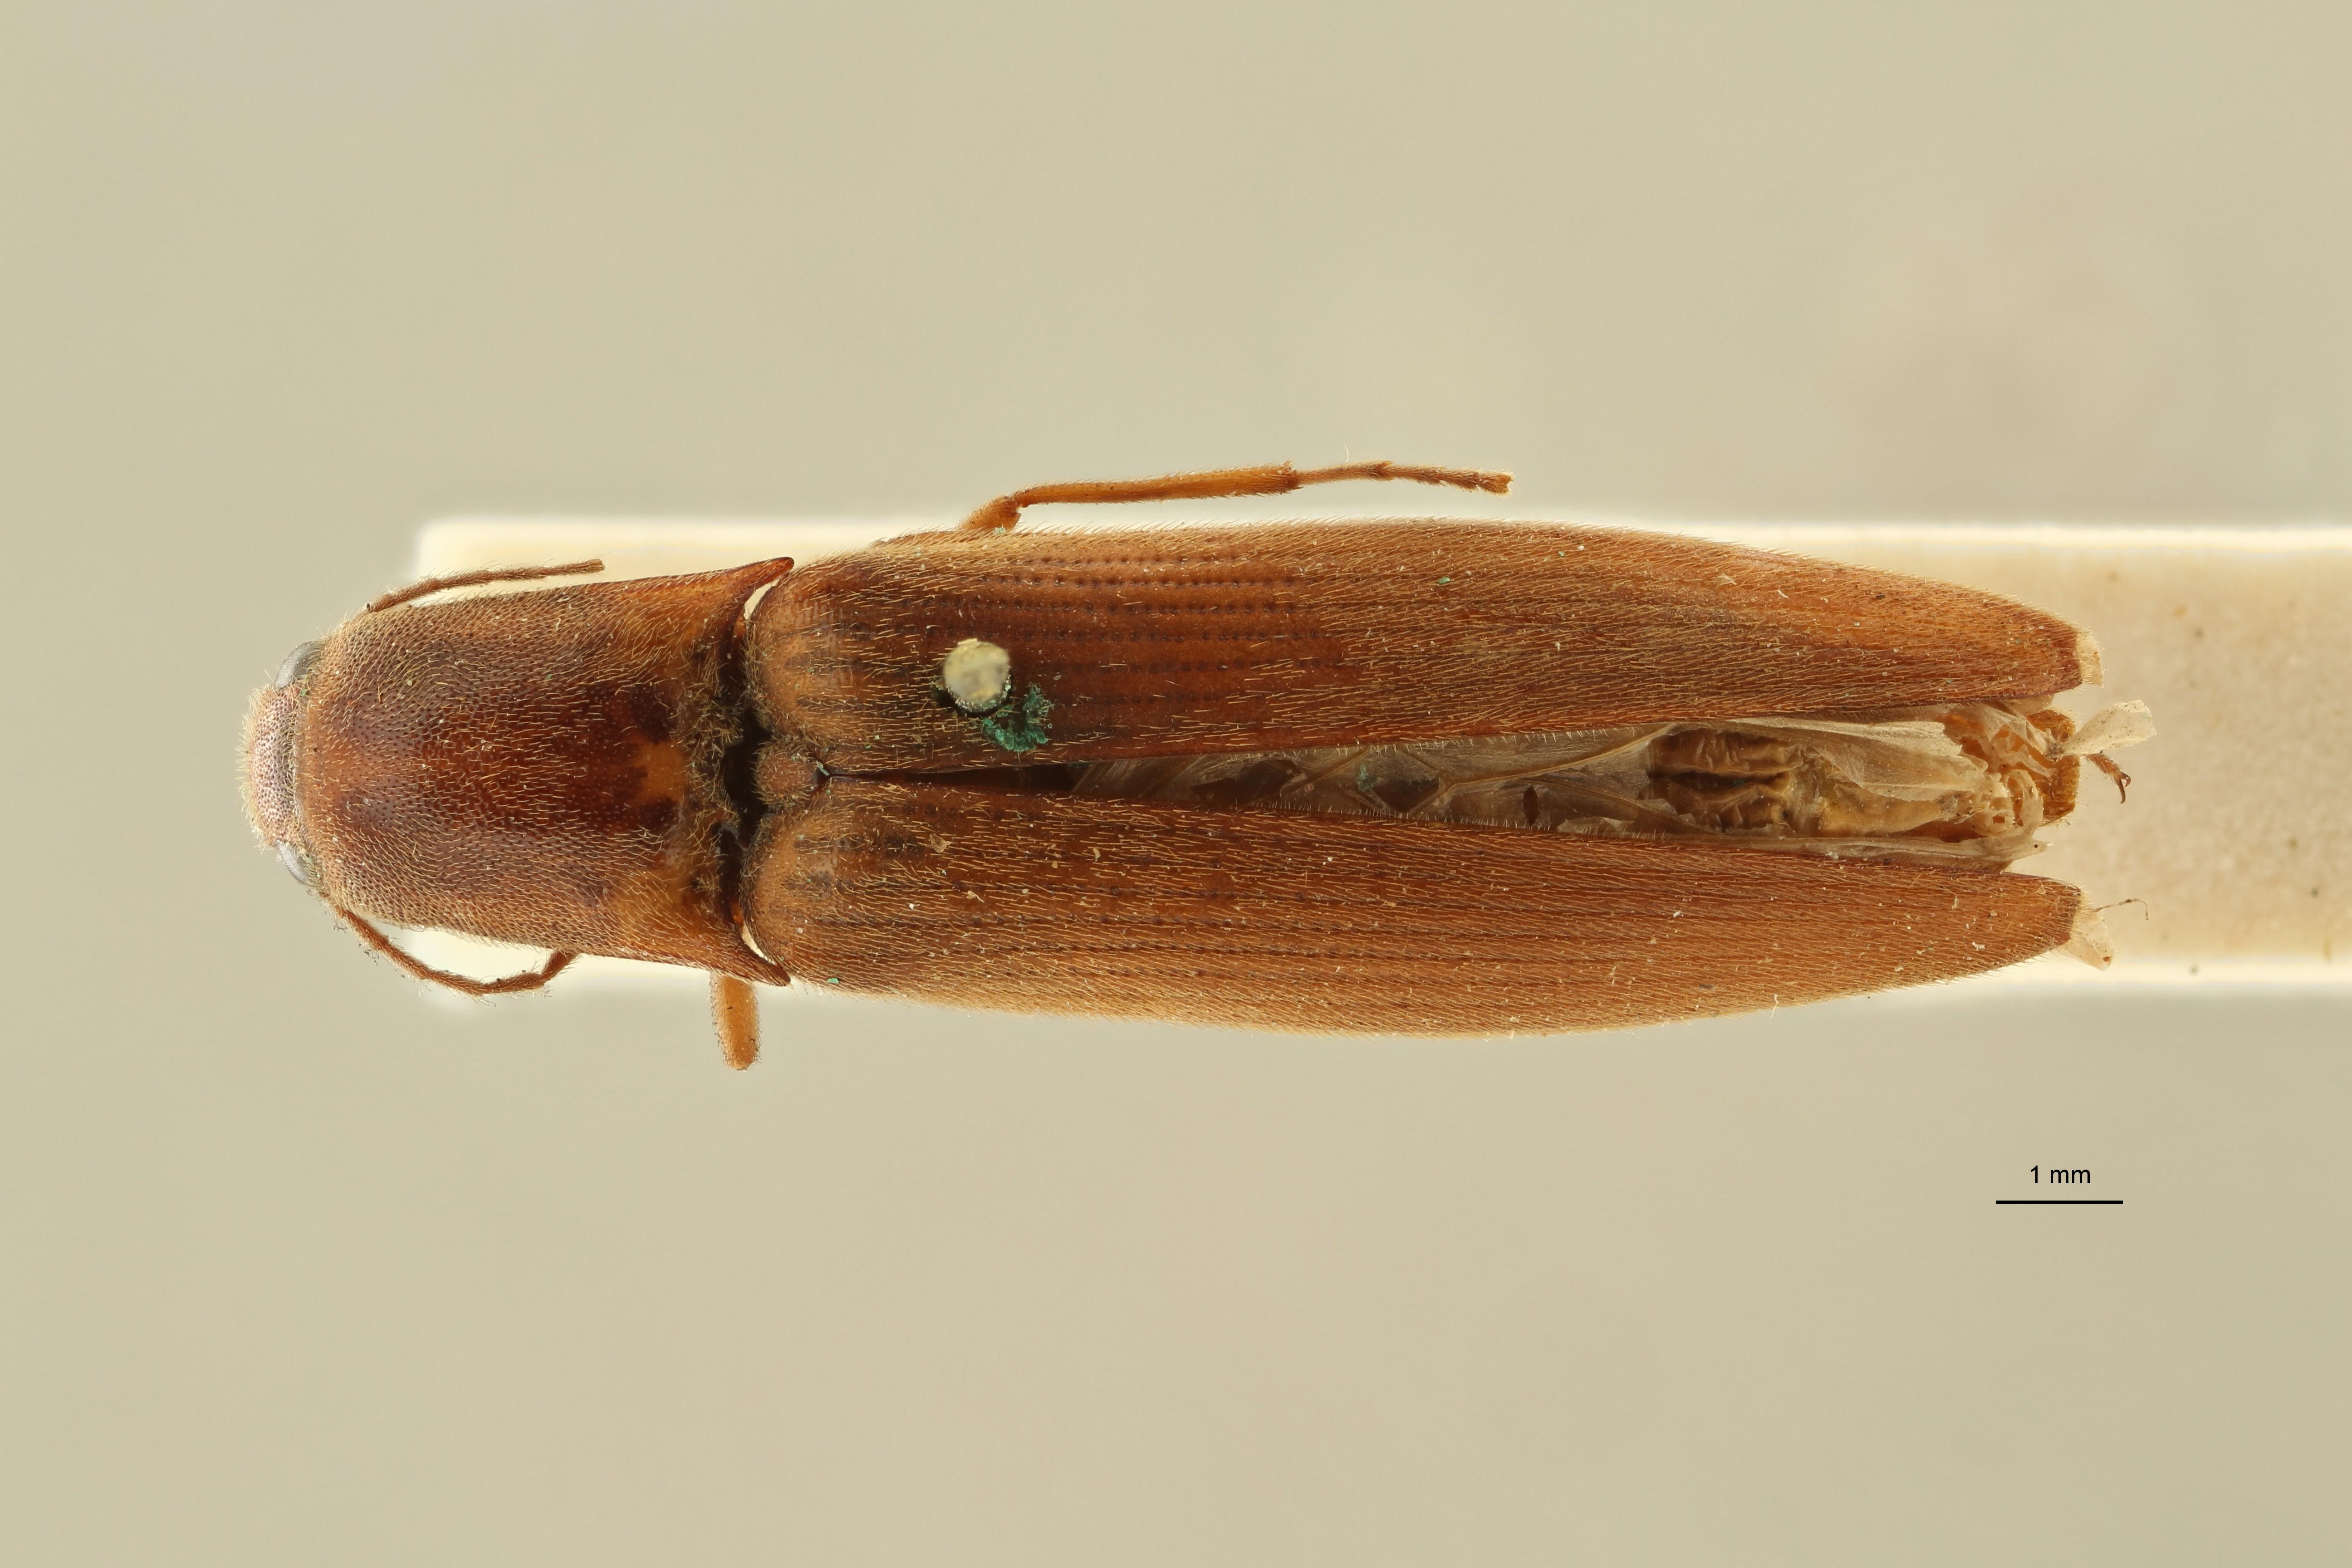 Megapenthes opacipennis lt M D ZS PMax Scaled.jpeg